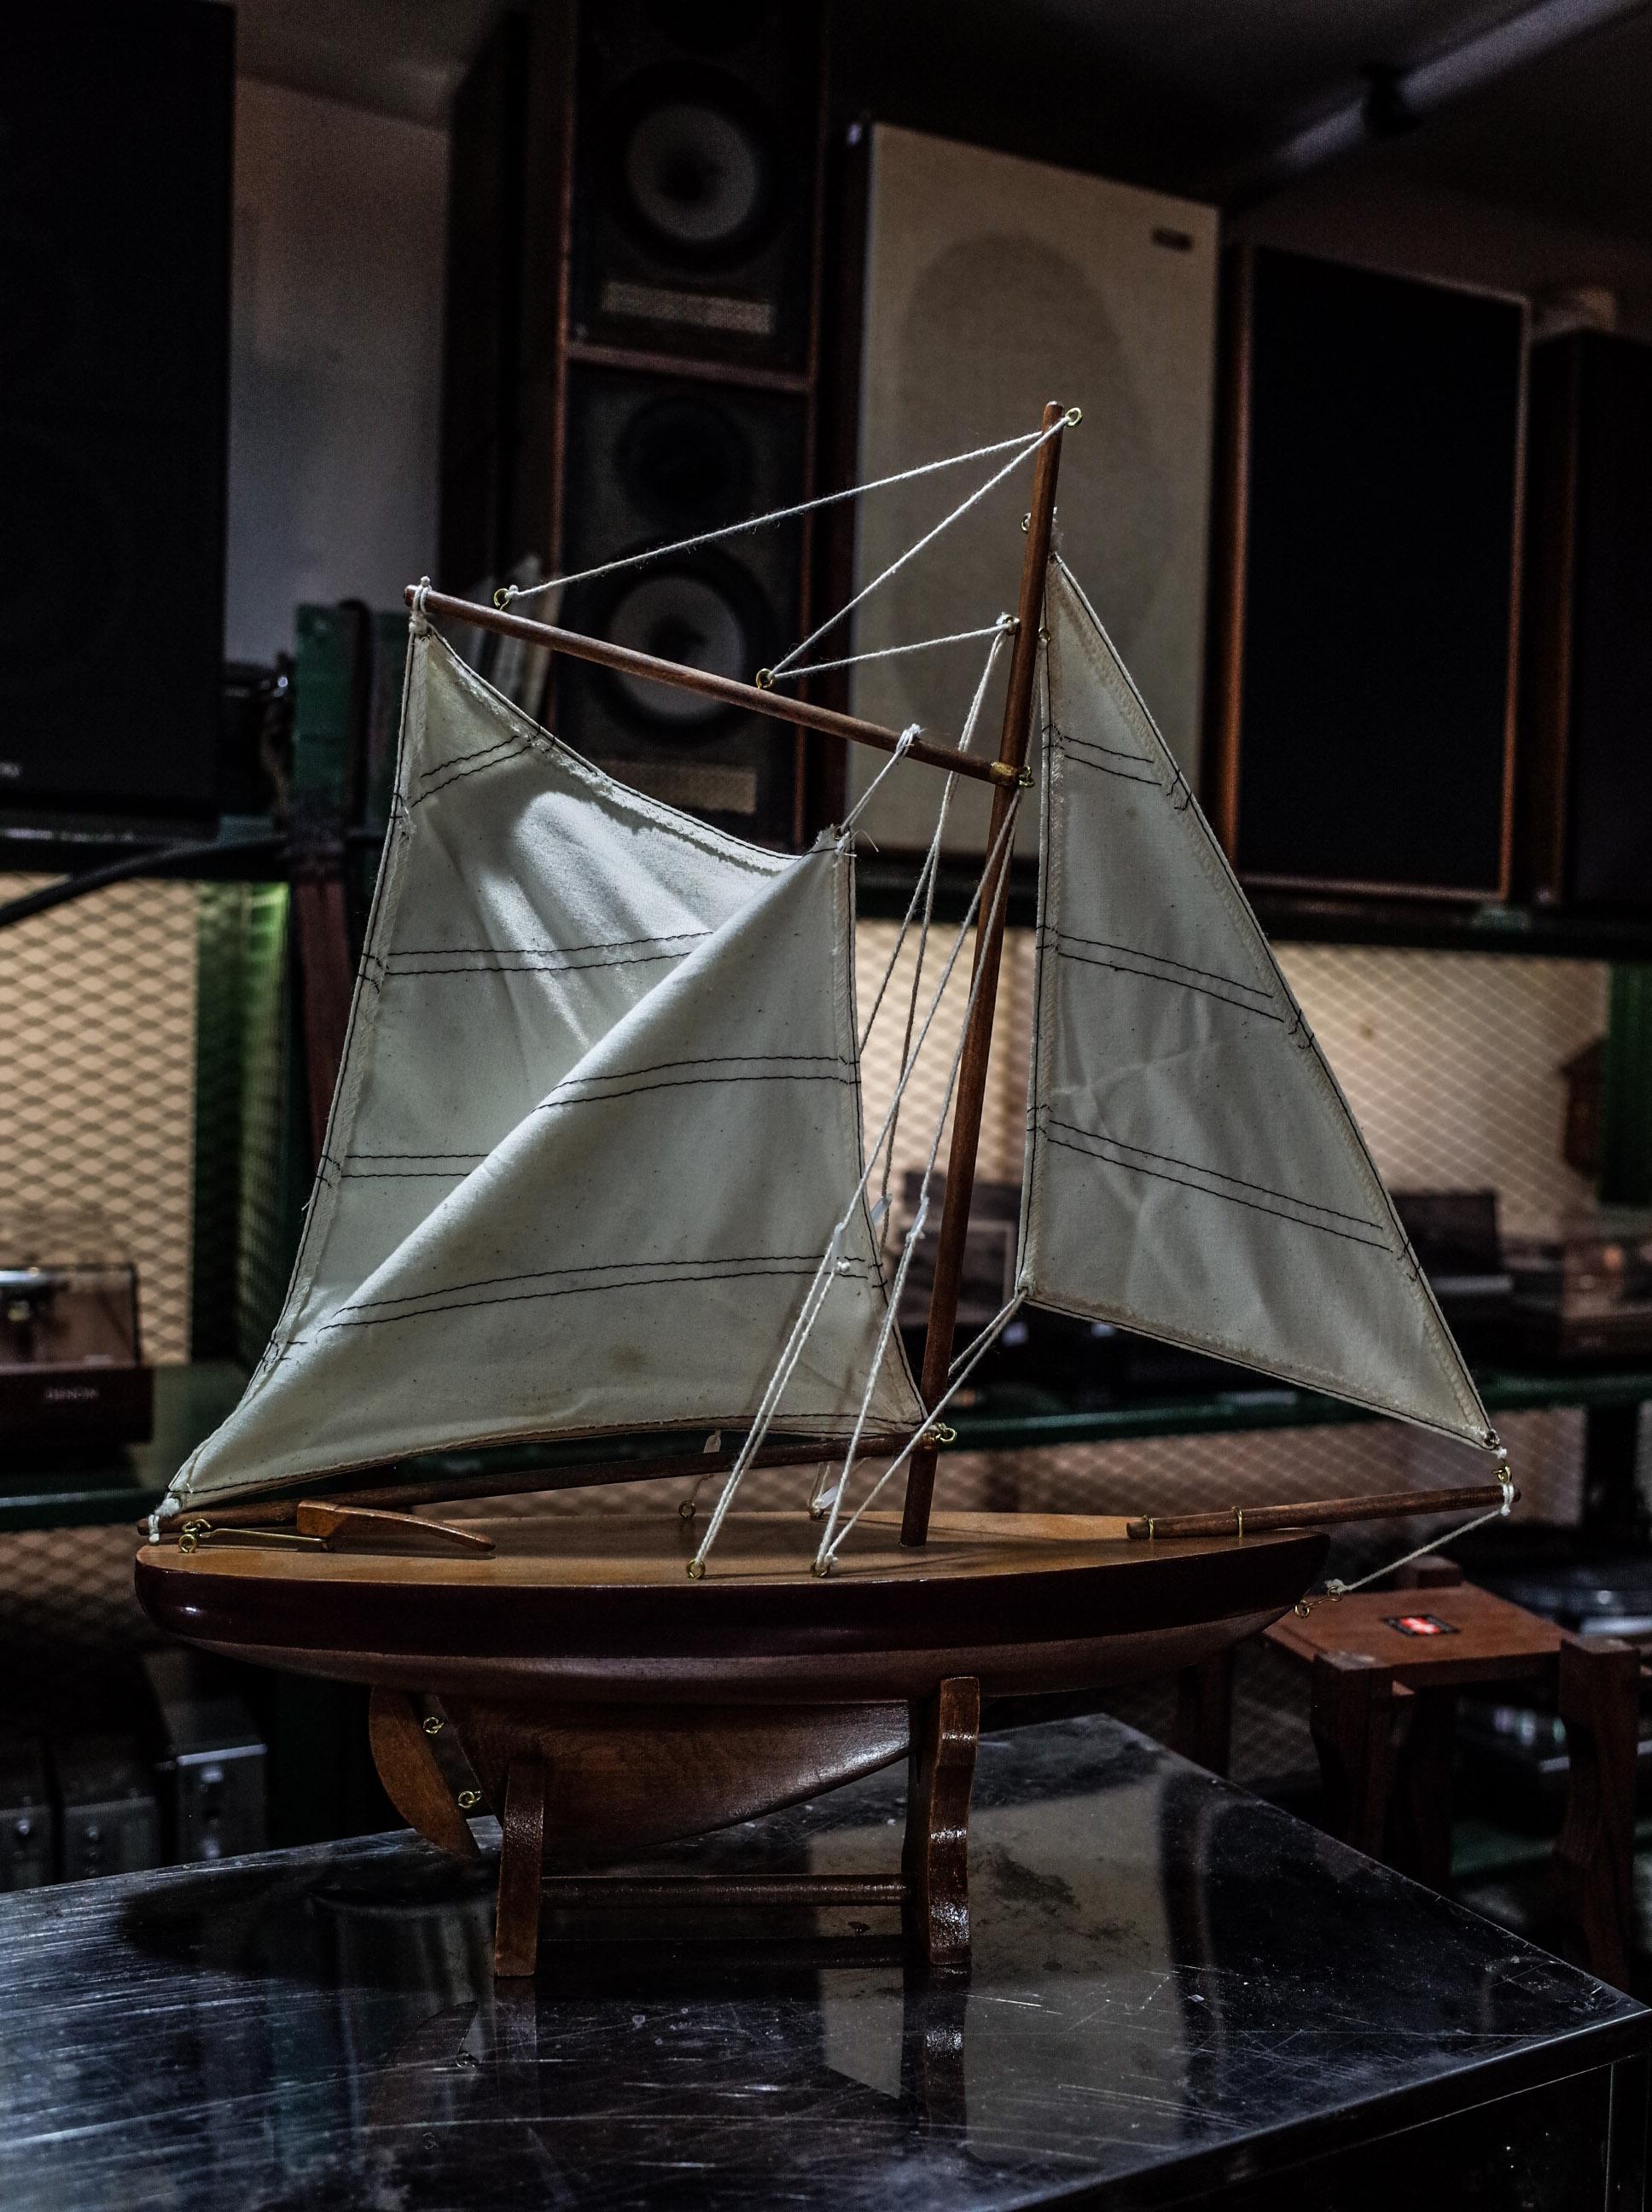 antique-sailboat.jpg